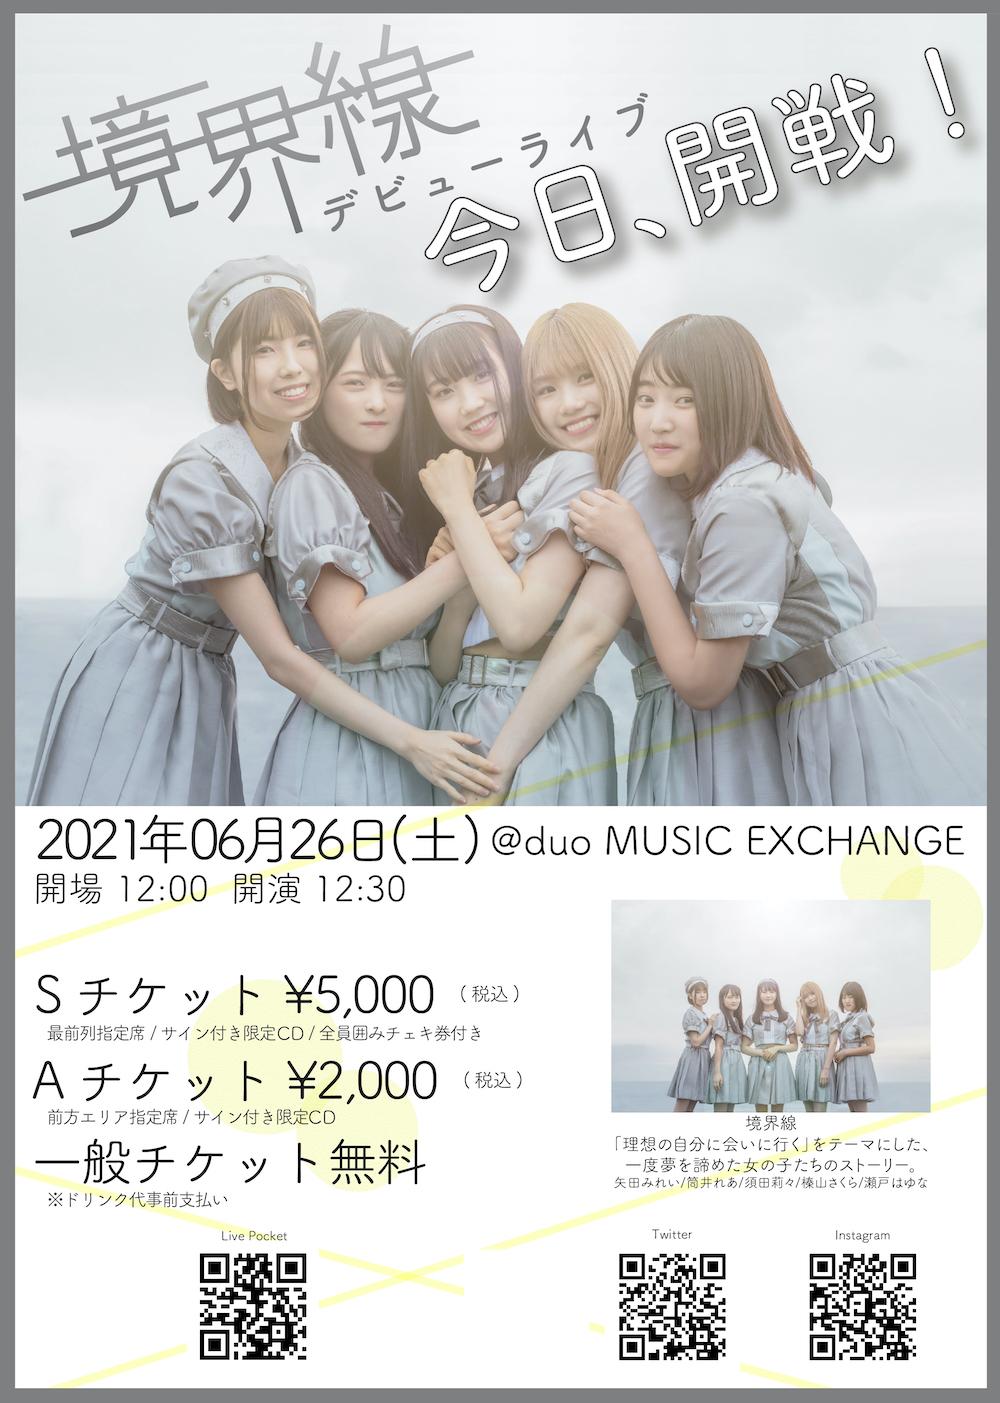 境界線 デビューライブ「今日、開戦!」